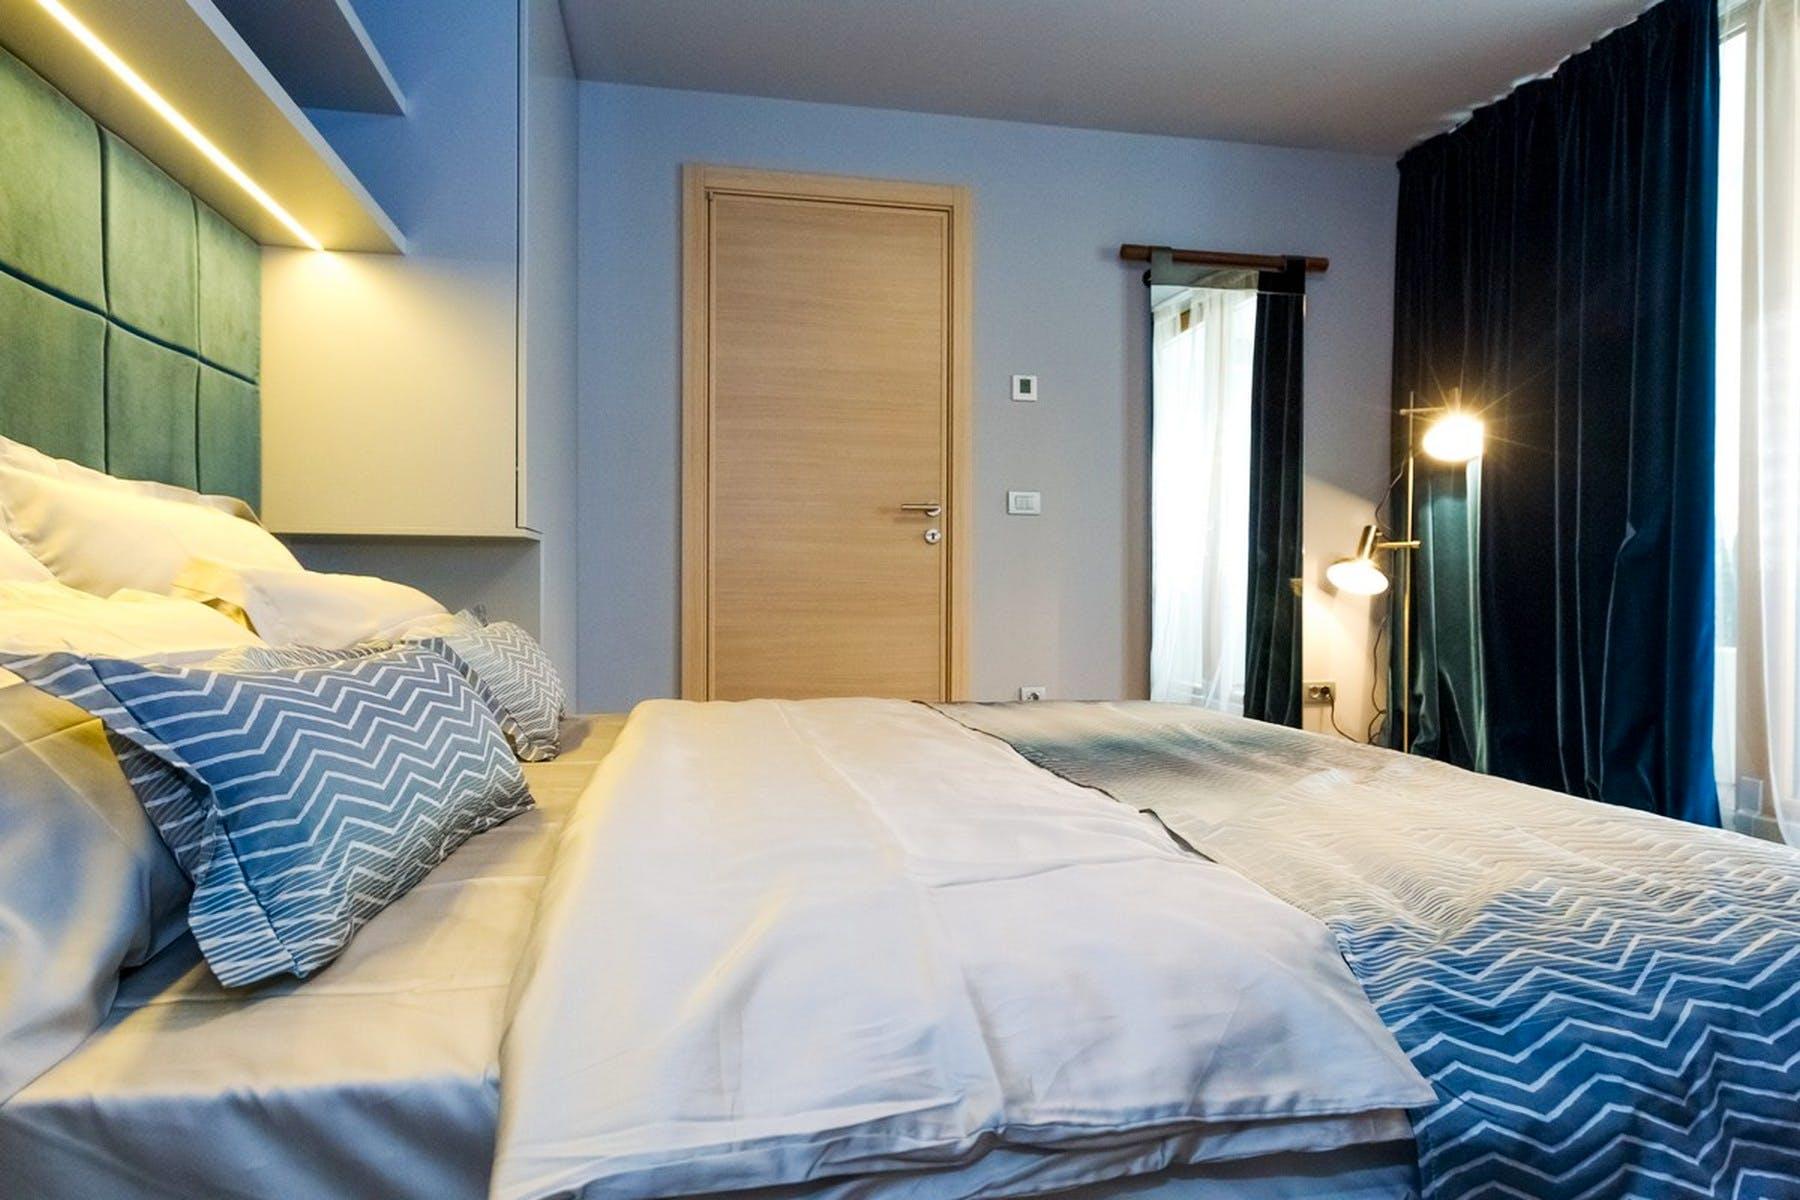 Dvokrevetna spavaonica sa zrcalom